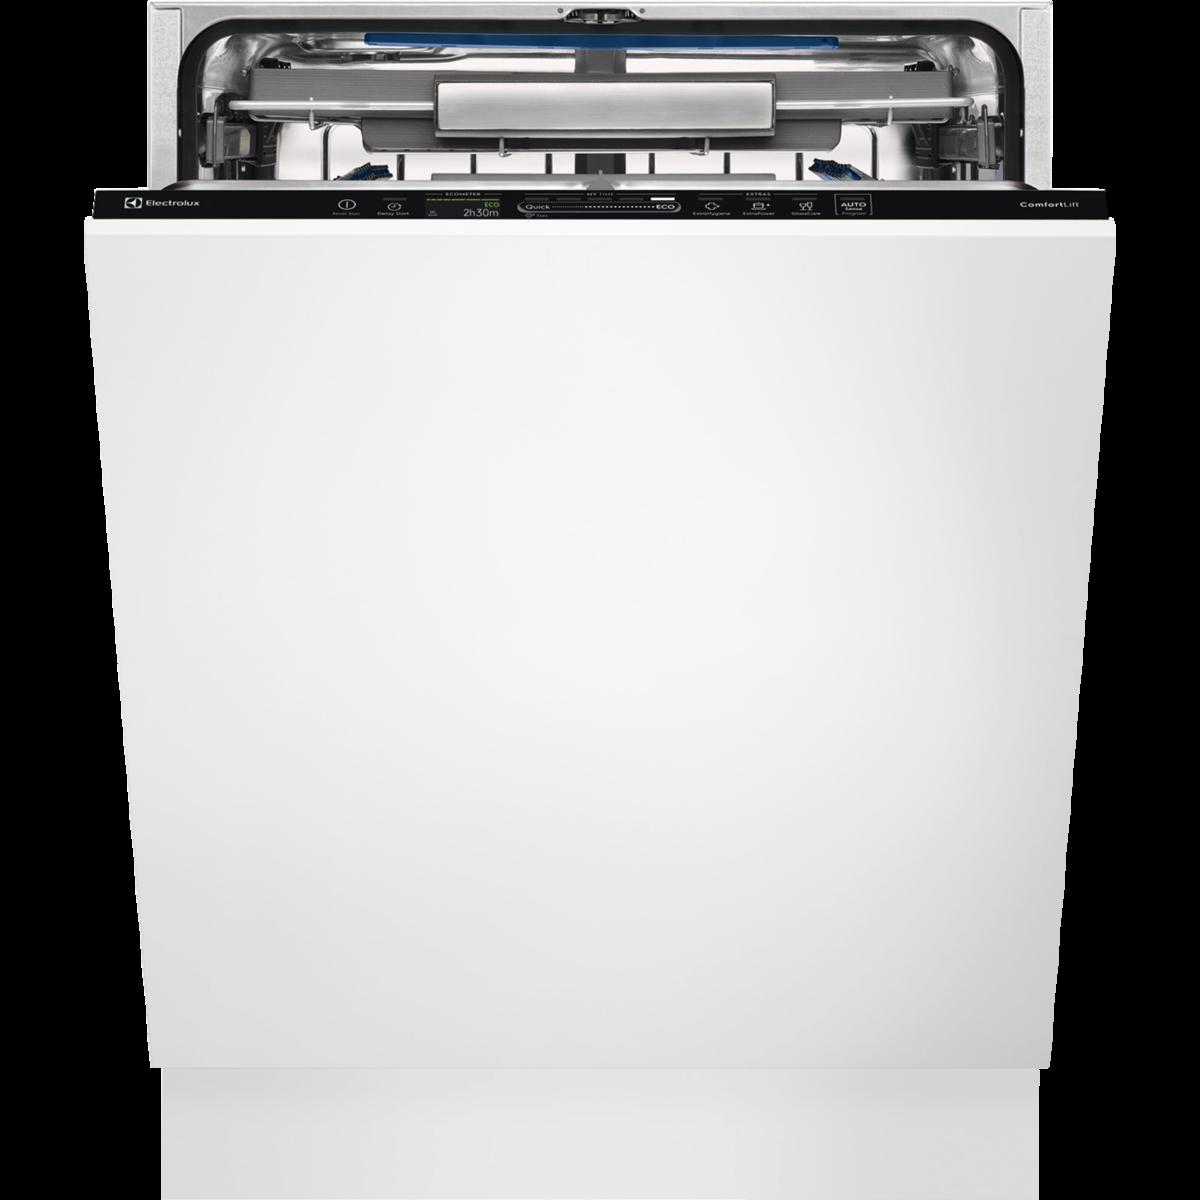 ComfortLift Встраиваемая Посудомоечная машина Серия 800 AirDry